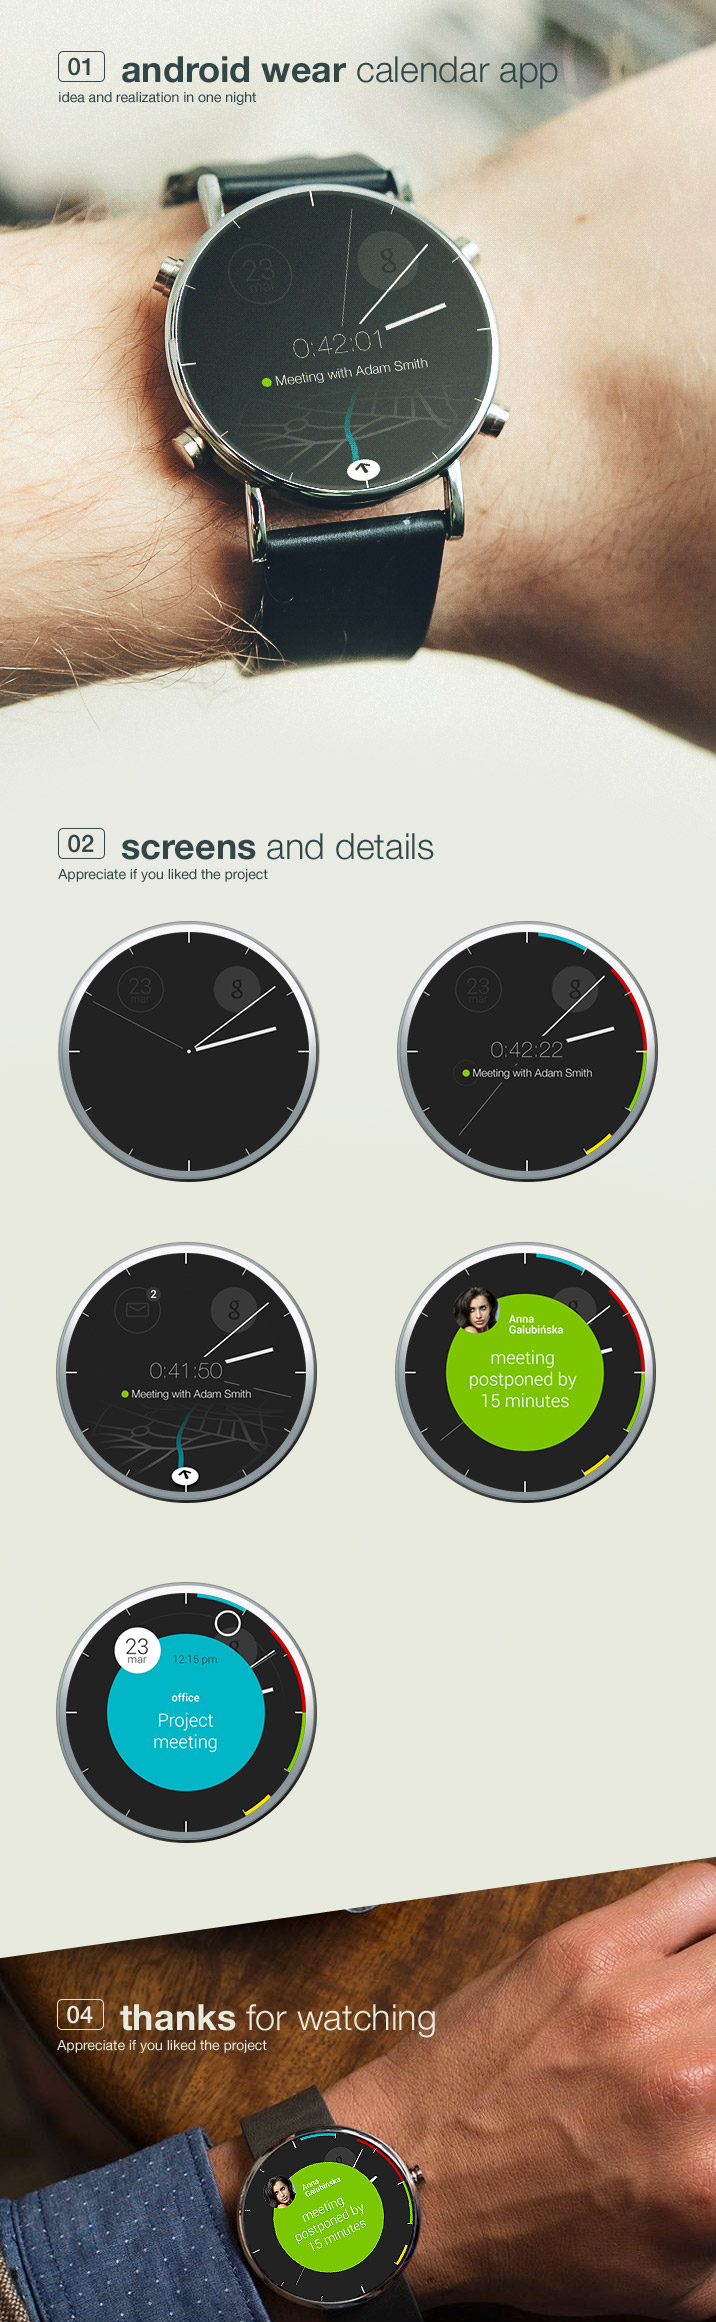 创意催化剂!20个值得学习的智能手表UI设计案例